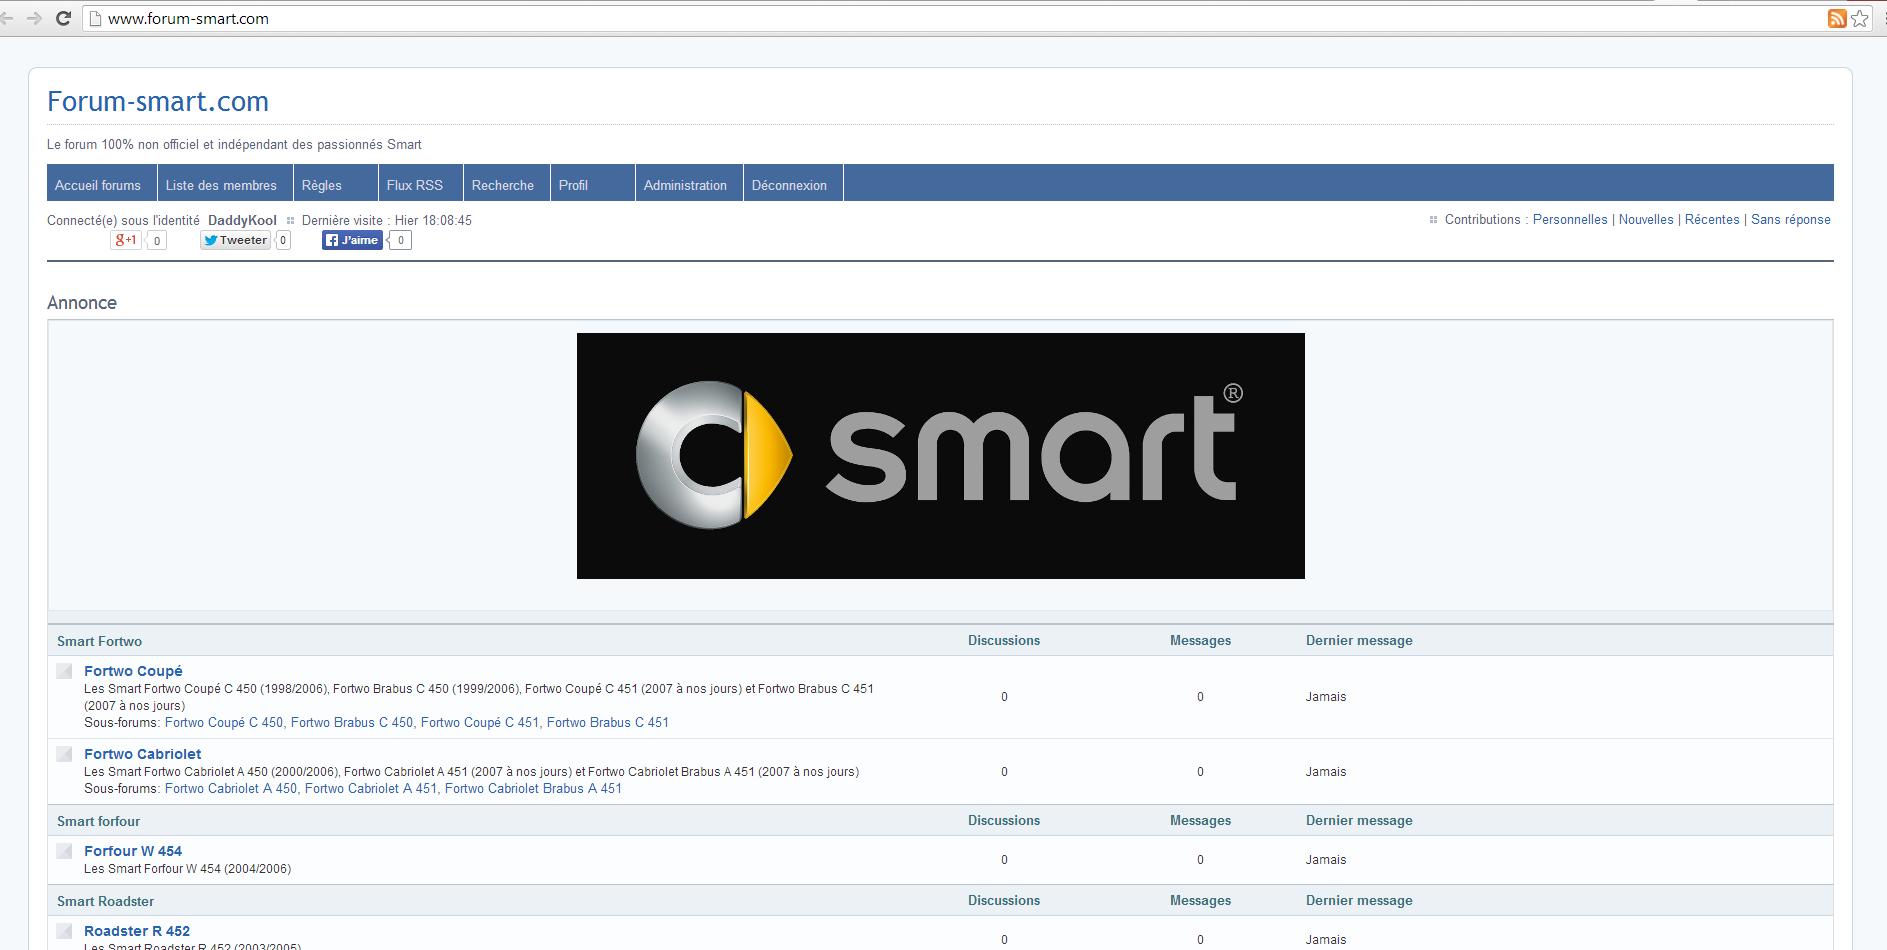 naissance-forum-smart_com.png